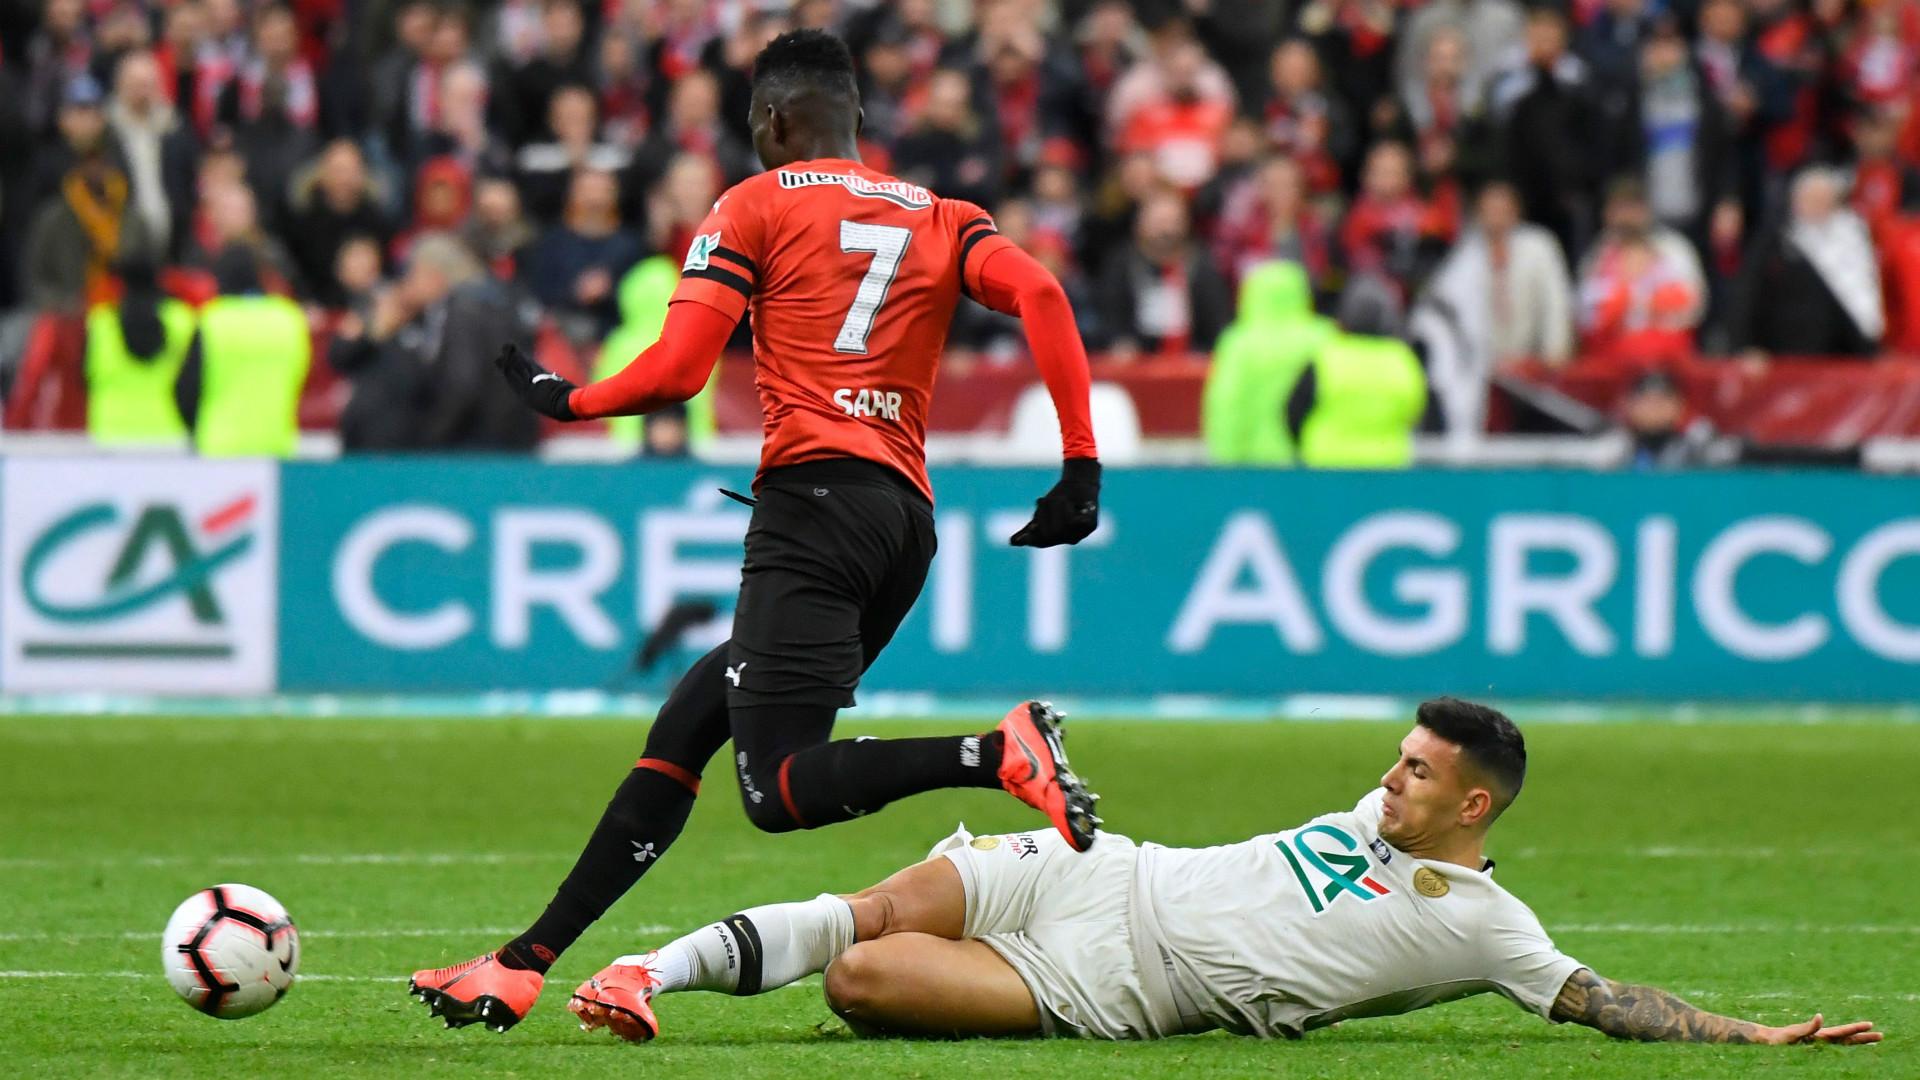 Ismaila Sarr Rennes 2018-19